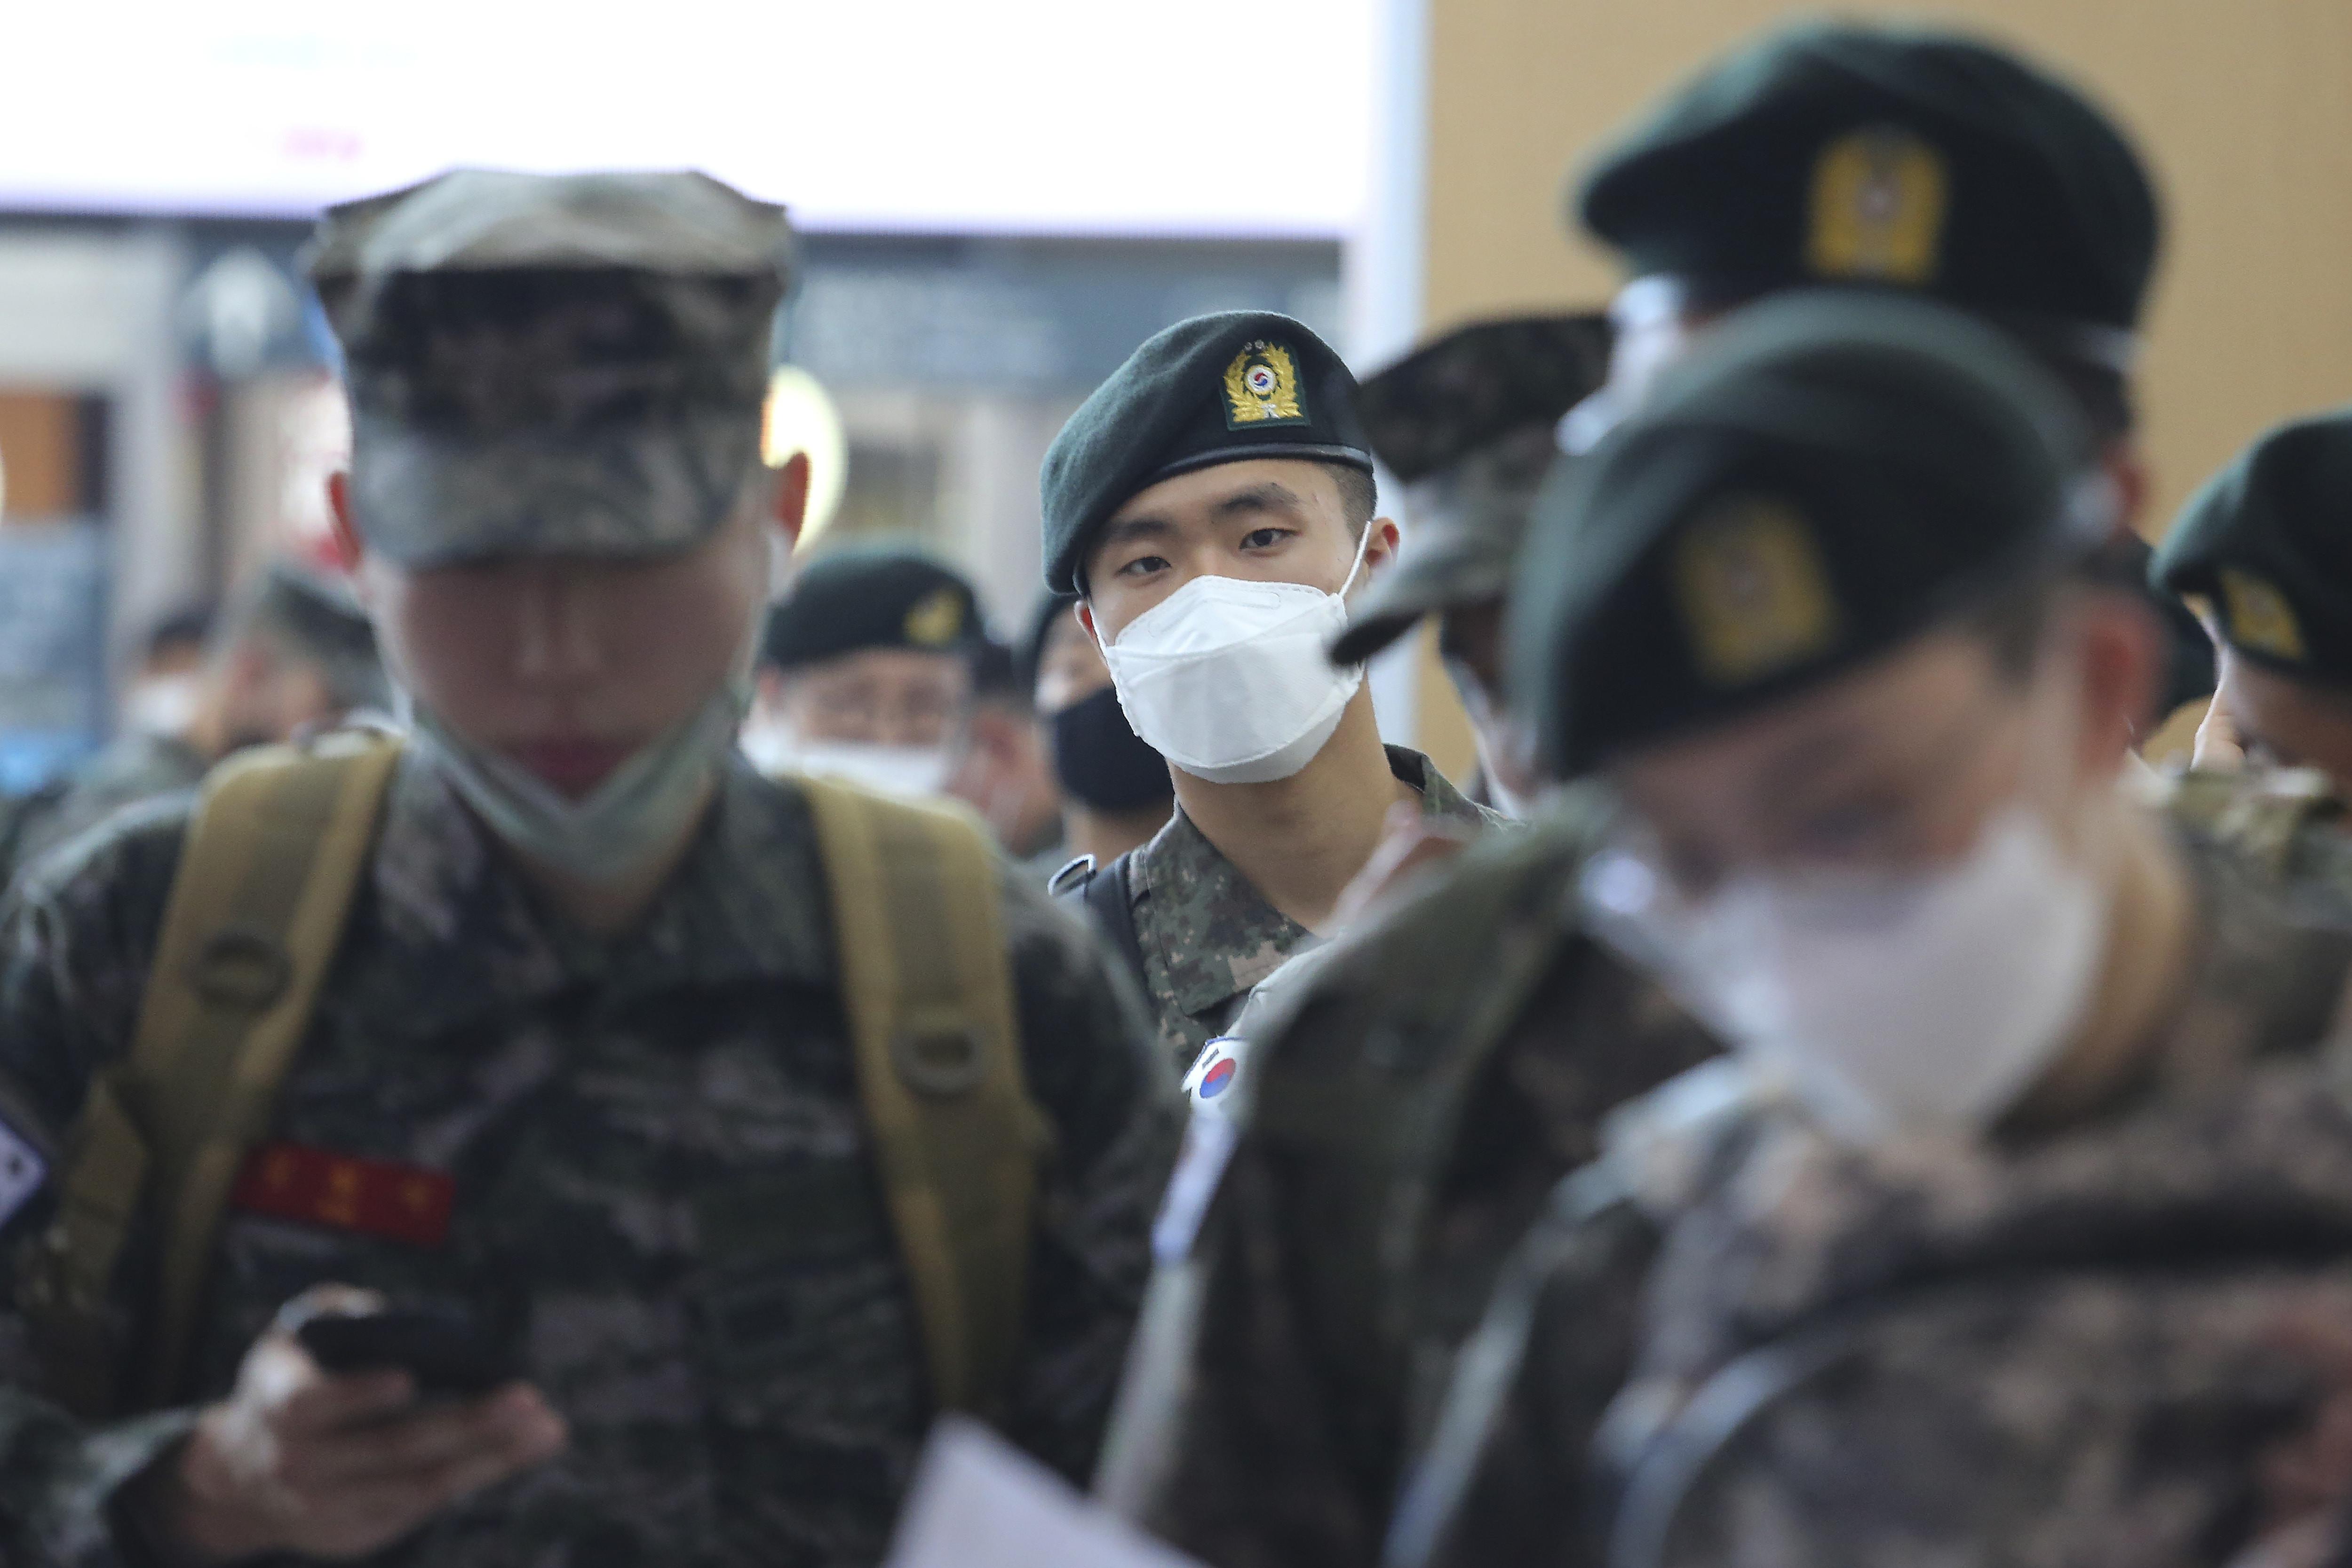 ▲▼最近南韓軍紀嚴重出包,甚至有空軍在營區內進行同性性行為。(示意圖/達志影像/美聯社)